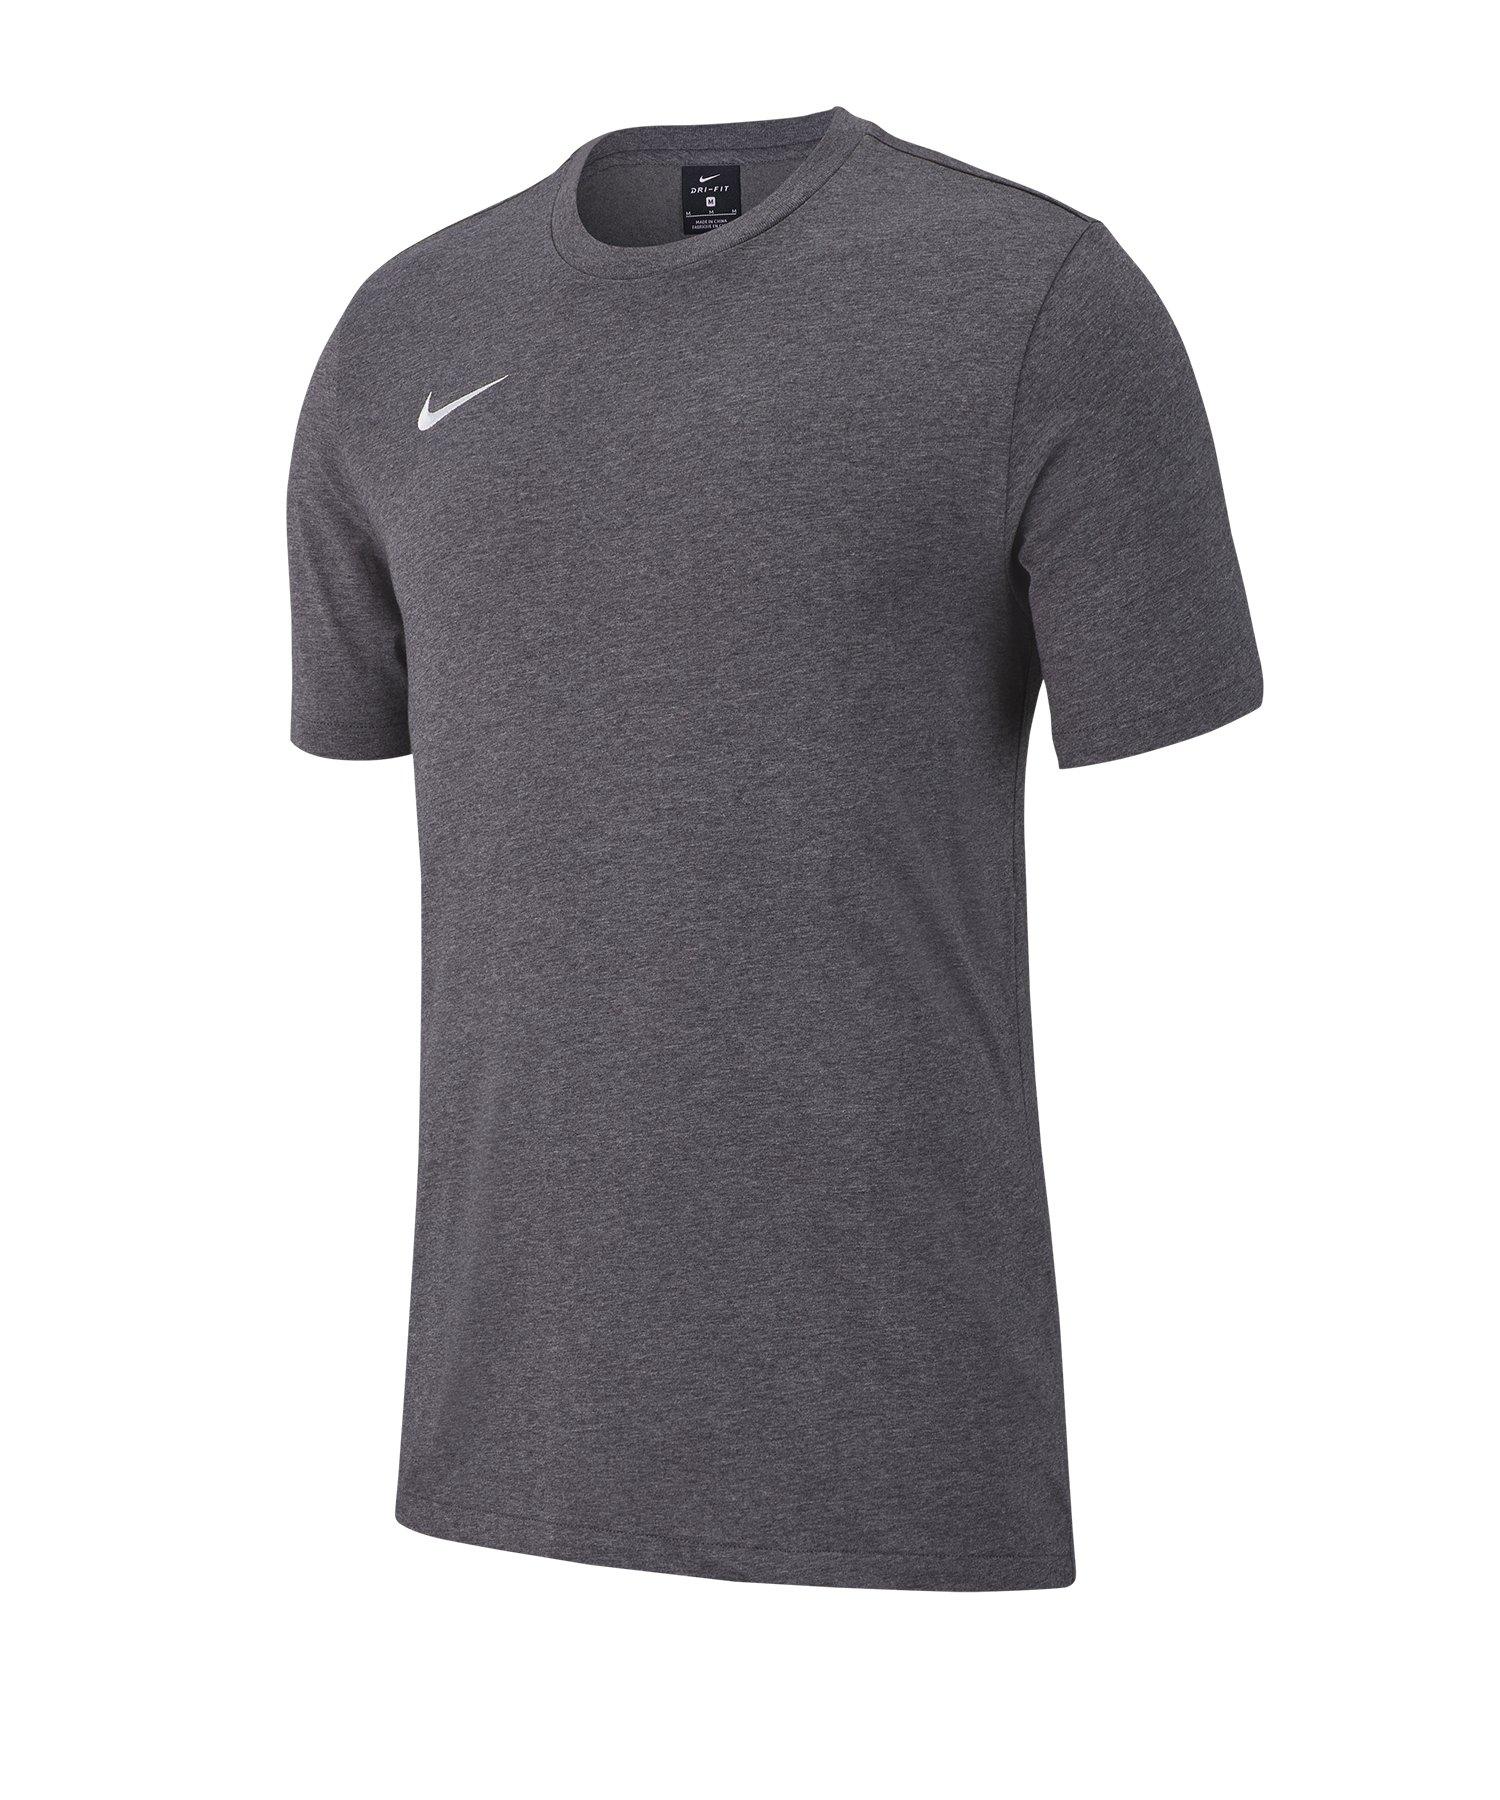 Nike Club 19 T-Shirt Grau F071 - grau